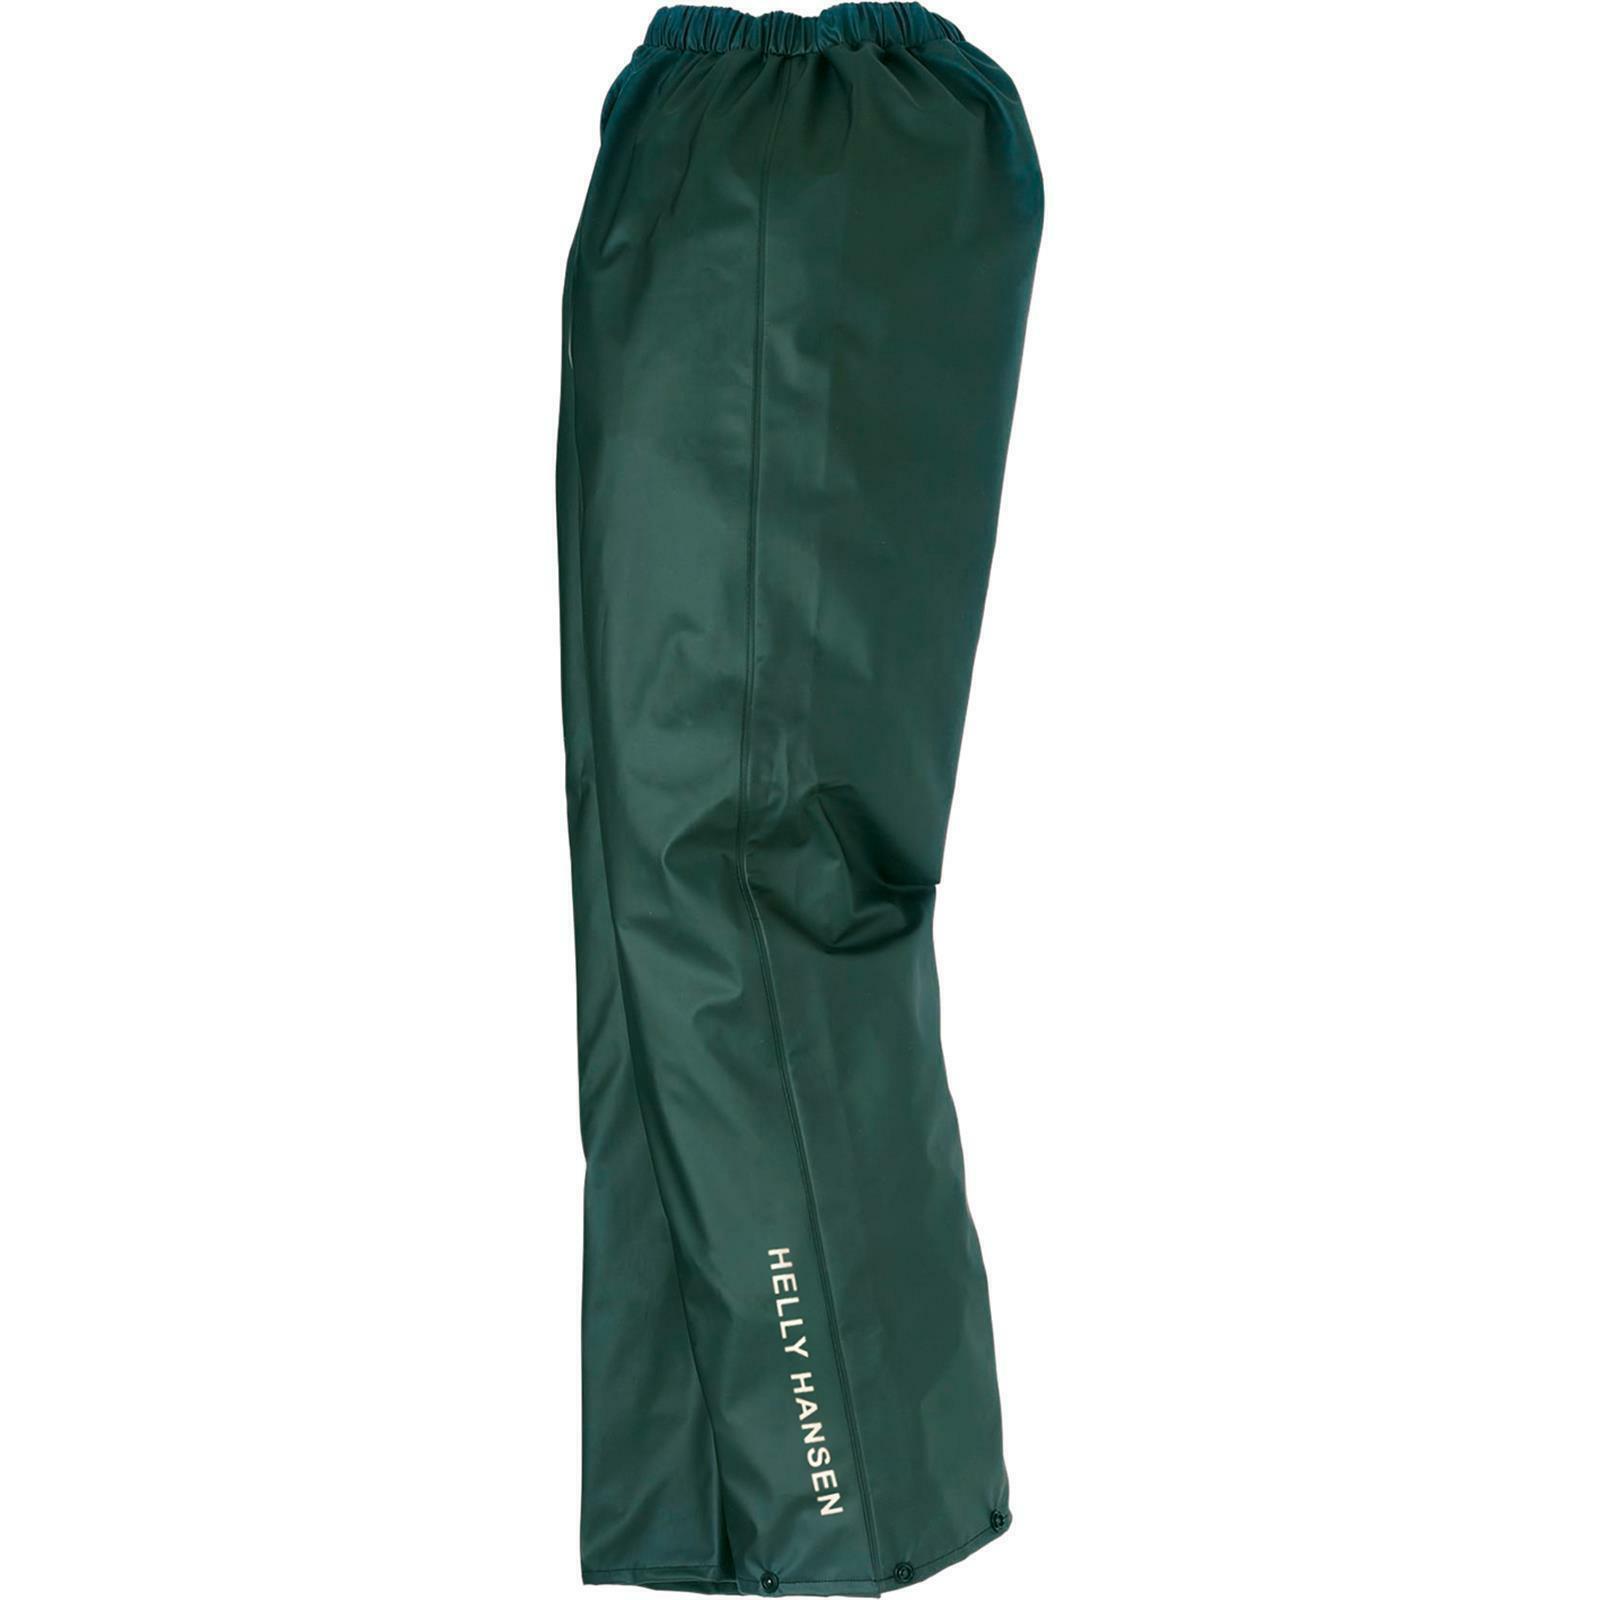 HH Voss Regenhose dunkelgrün Gr. XXL